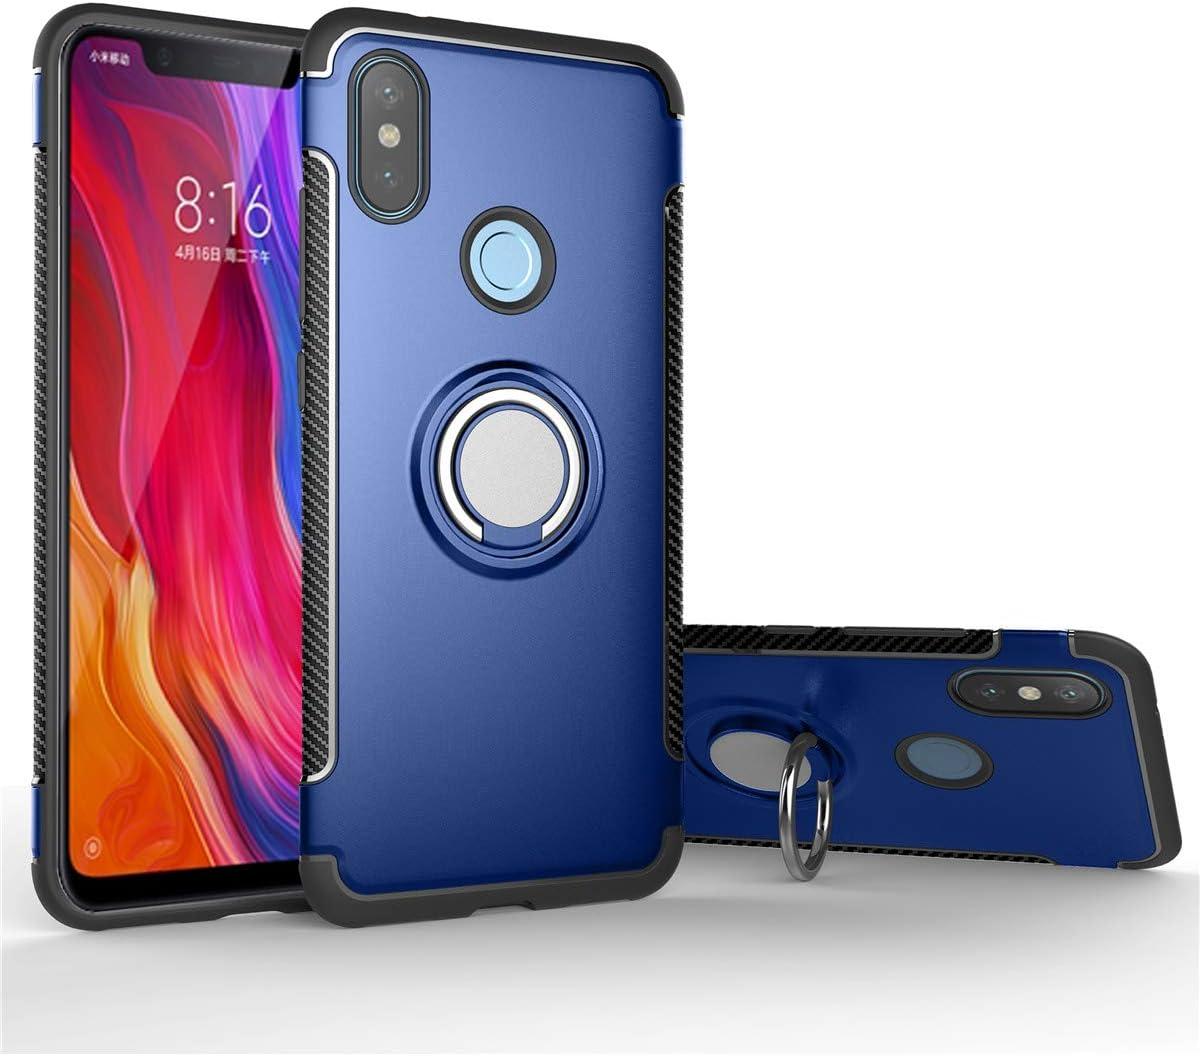 Mi 8 Funda para Xiaomi, Soporte de Coche Magn/ético Carcasa Doble Capa a Prueba de Choque Protectora Mi 8, Azul Oscuro Soporte de 360 /° Anillo Rotativo